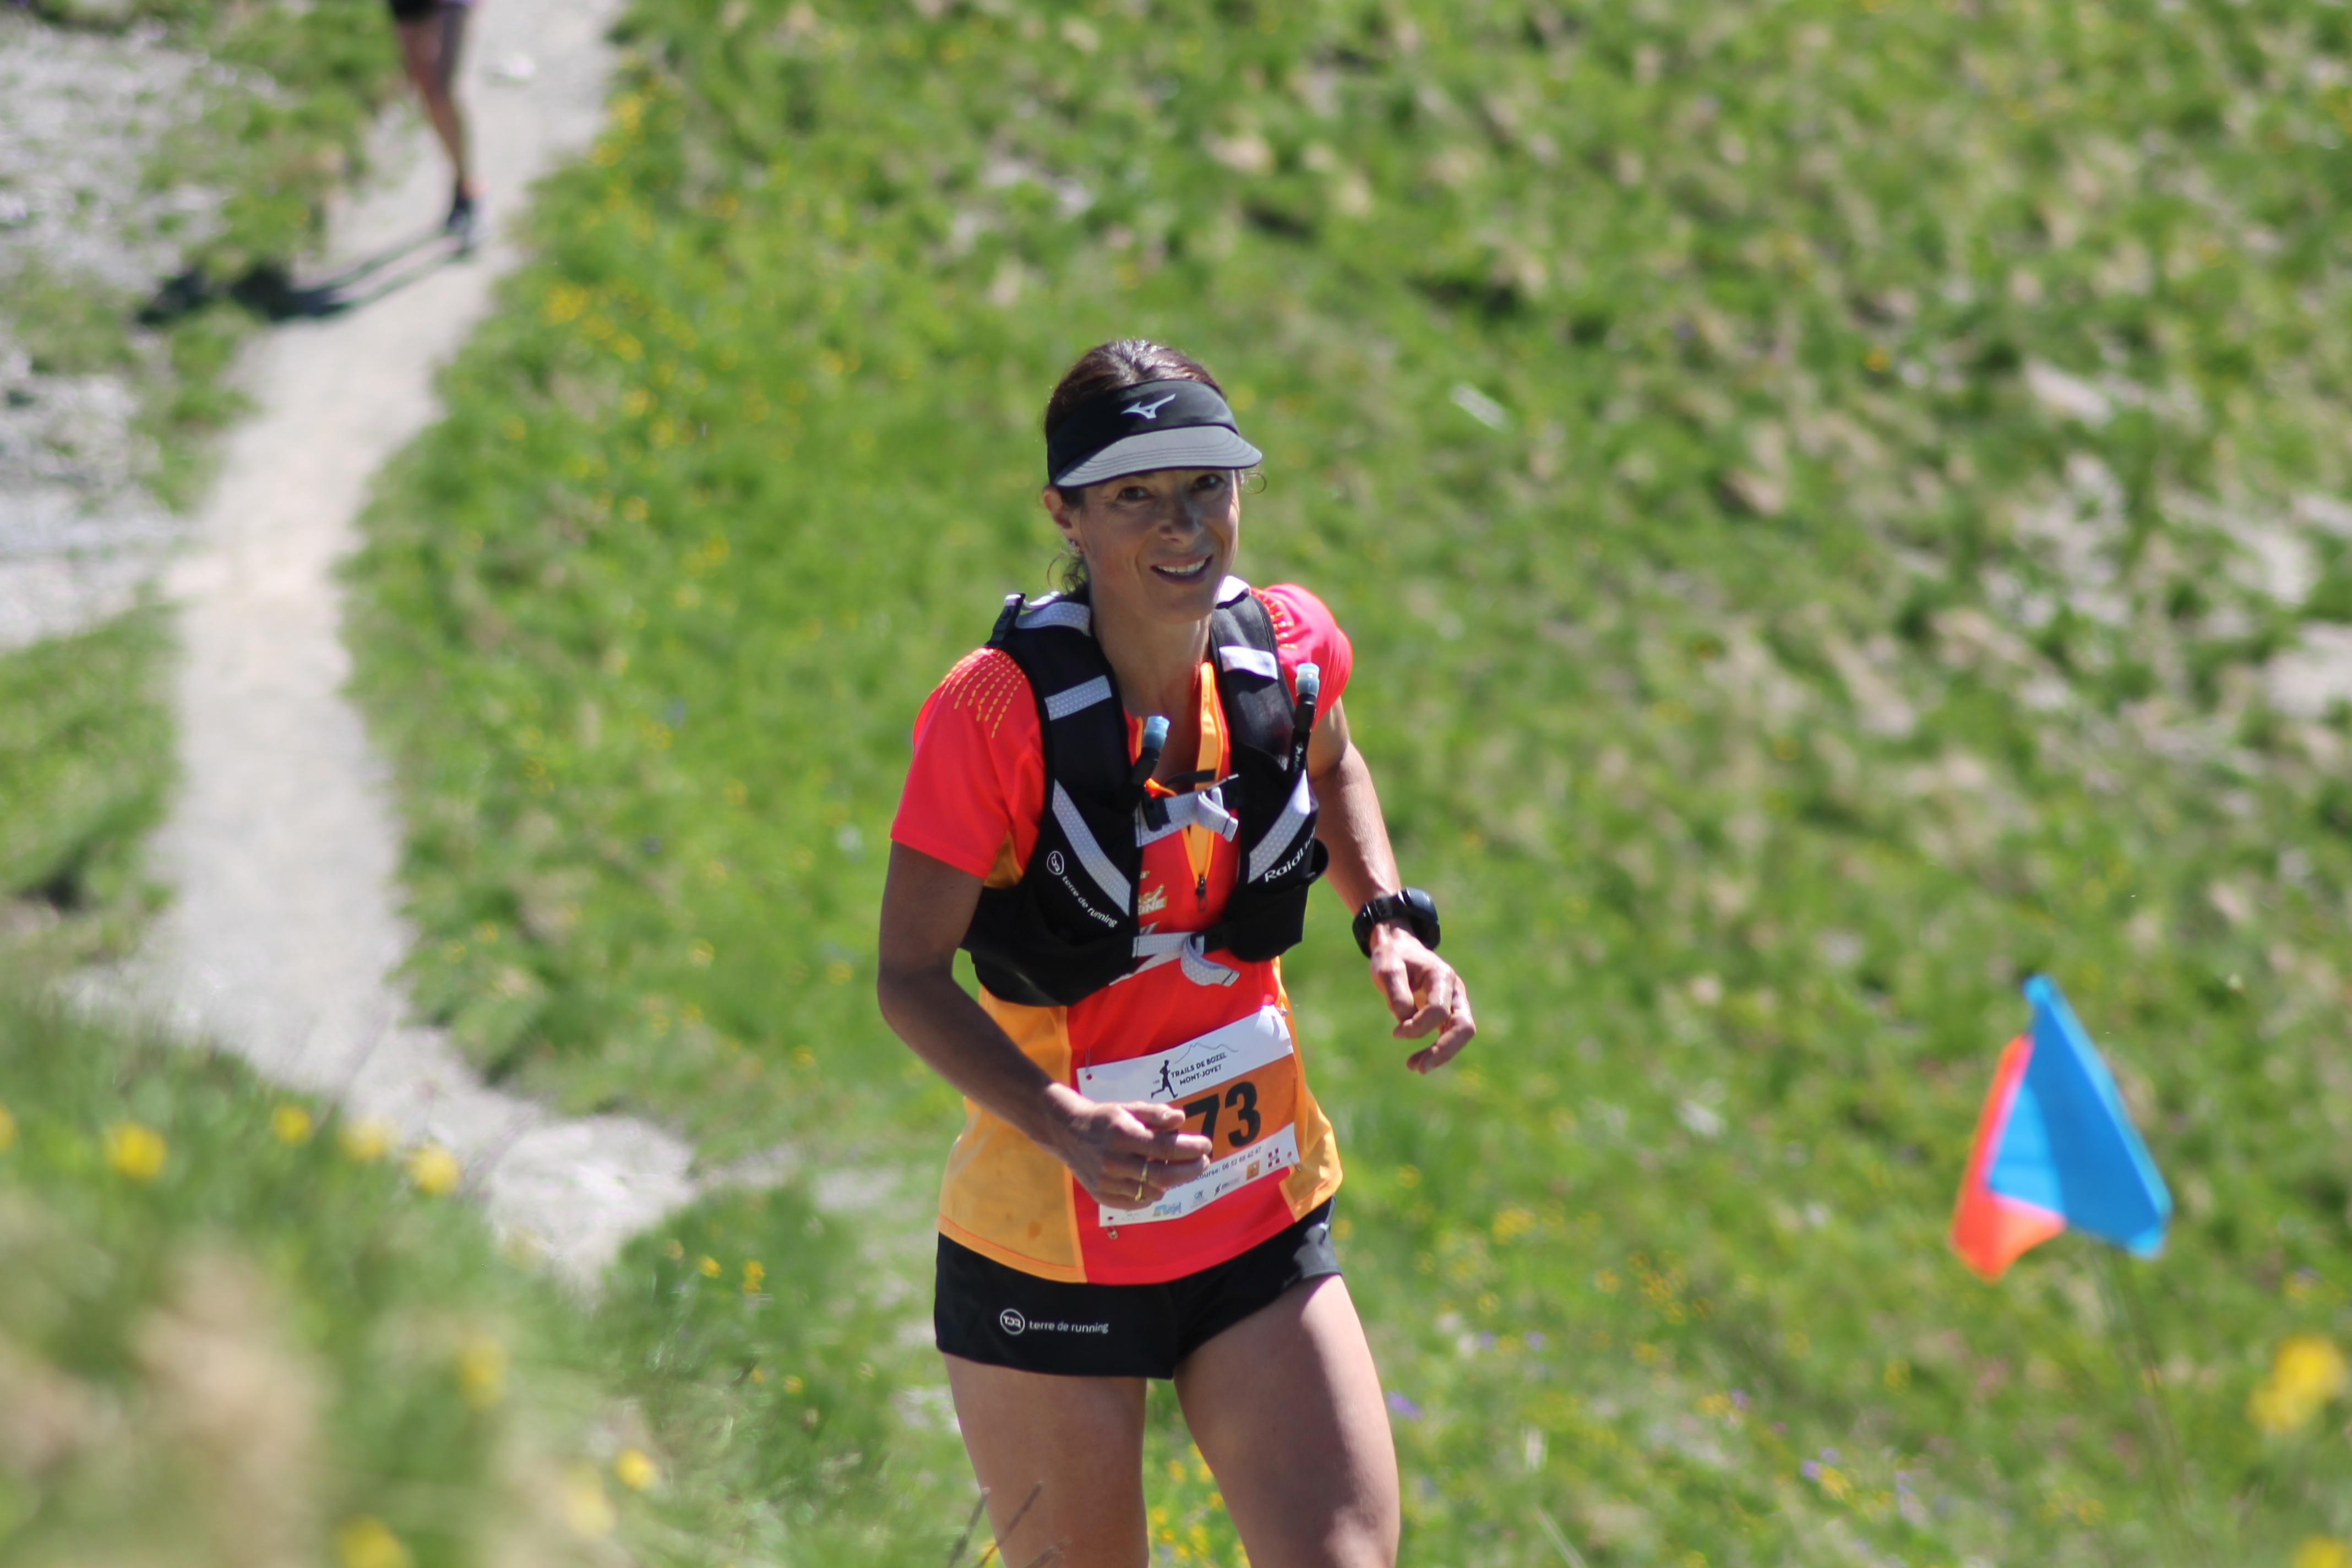 Stéphanie Duc 2ème du 30km - PORTRAIT DE STEPHANIE DUC (VE02000 LA PLAGNE/TEAM TERRE DE RUNNING)